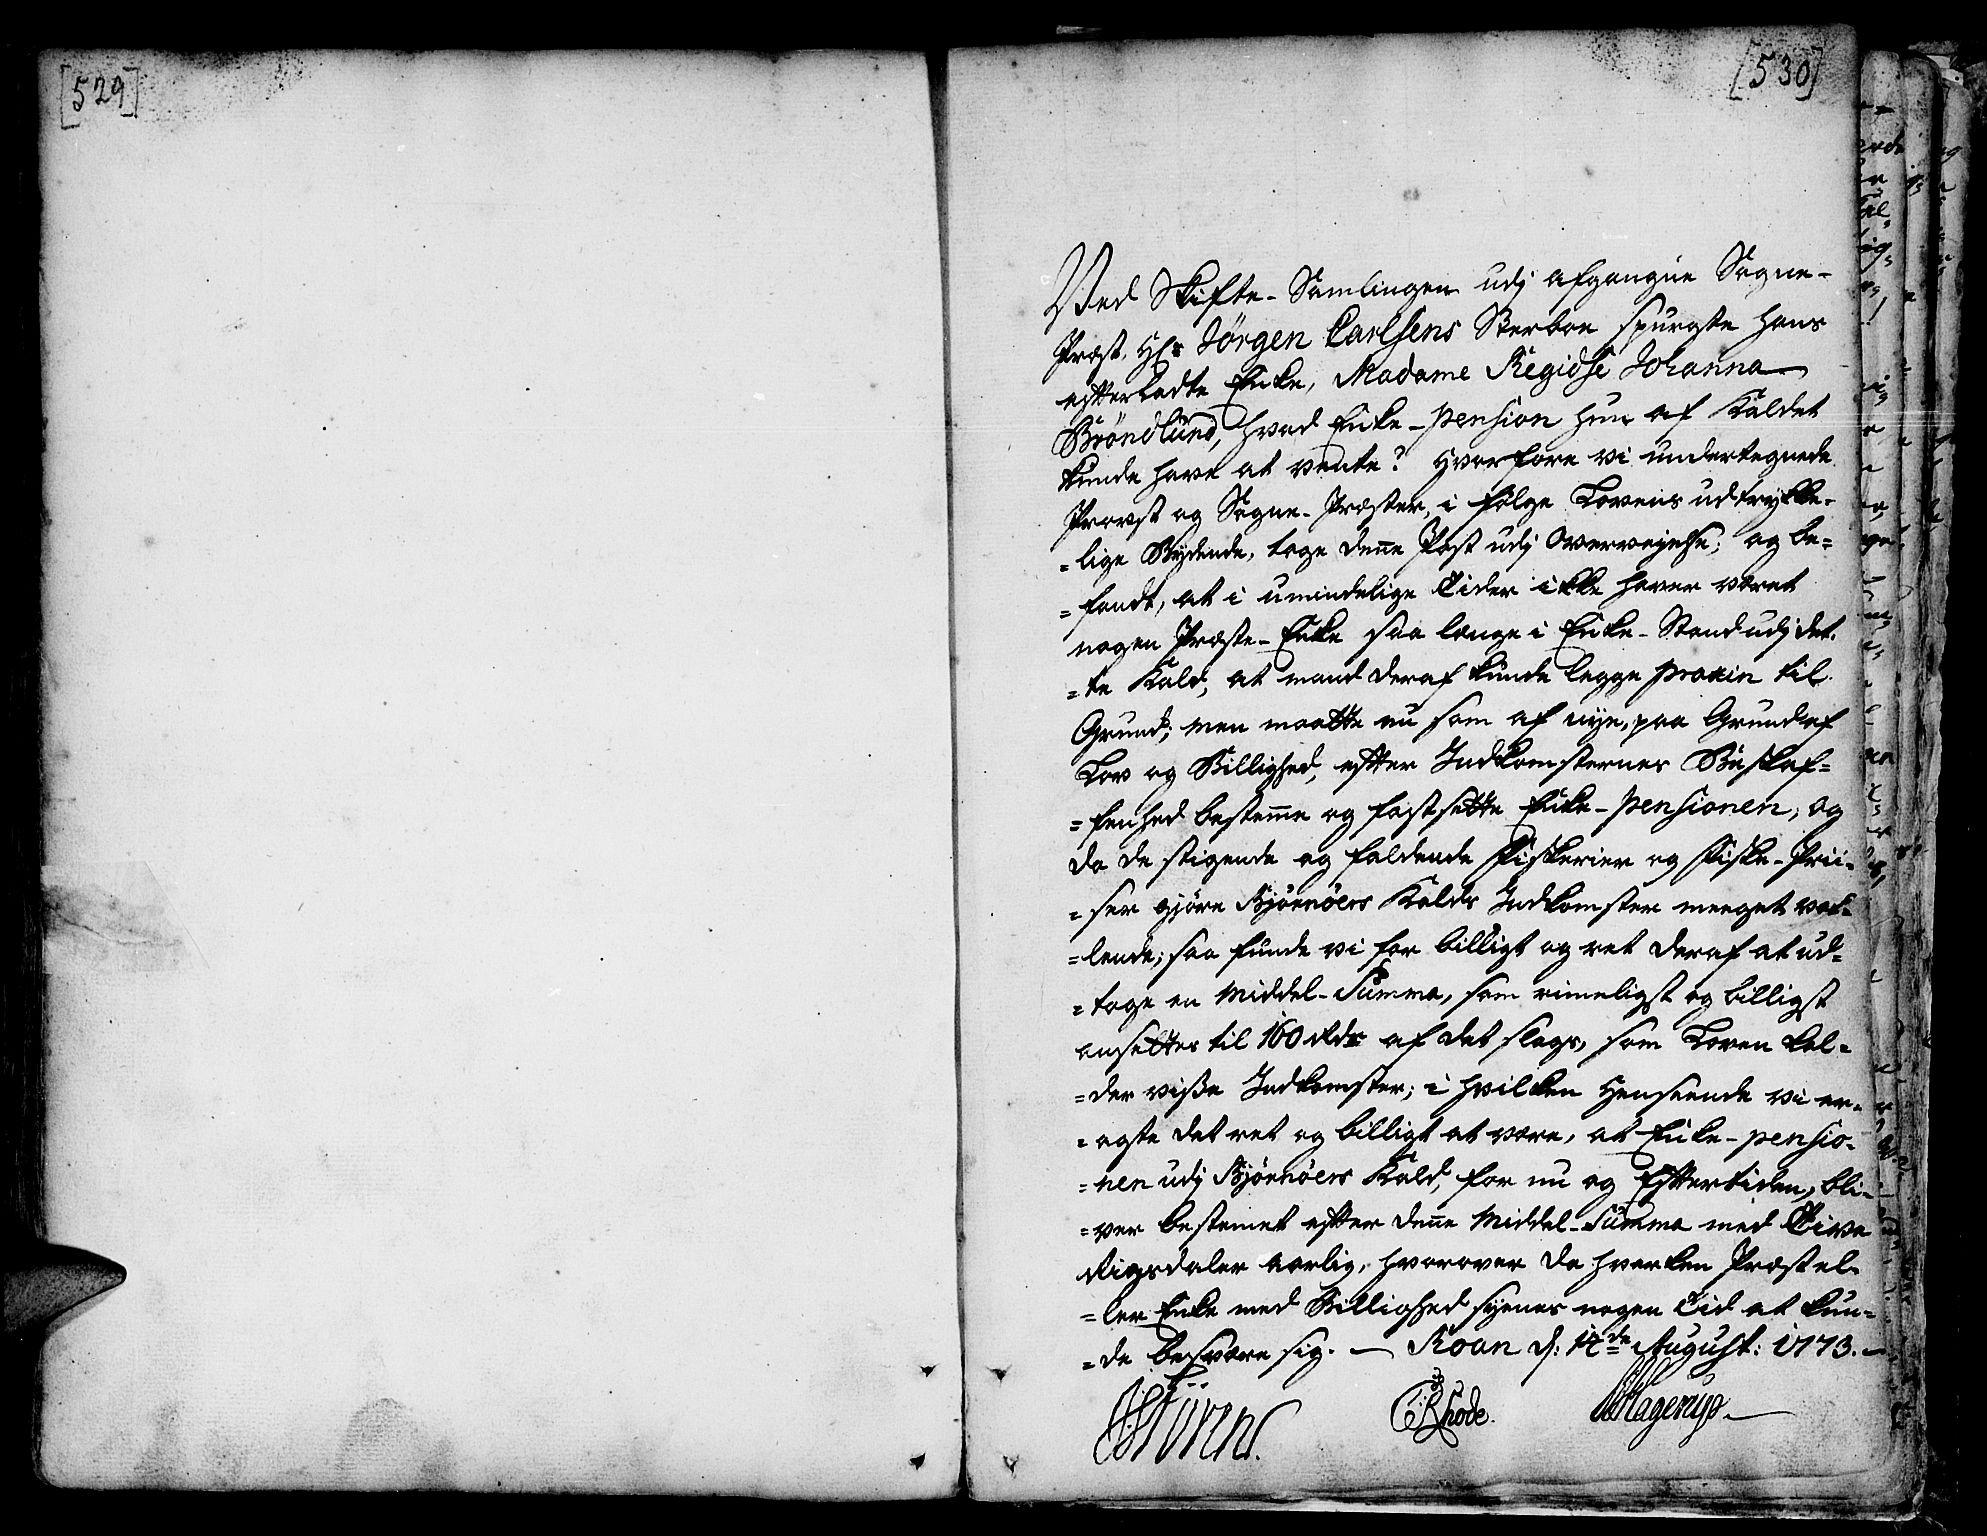 SAT, Ministerialprotokoller, klokkerbøker og fødselsregistre - Sør-Trøndelag, 657/L0700: Ministerialbok nr. 657A01, 1732-1801, s. 529-530